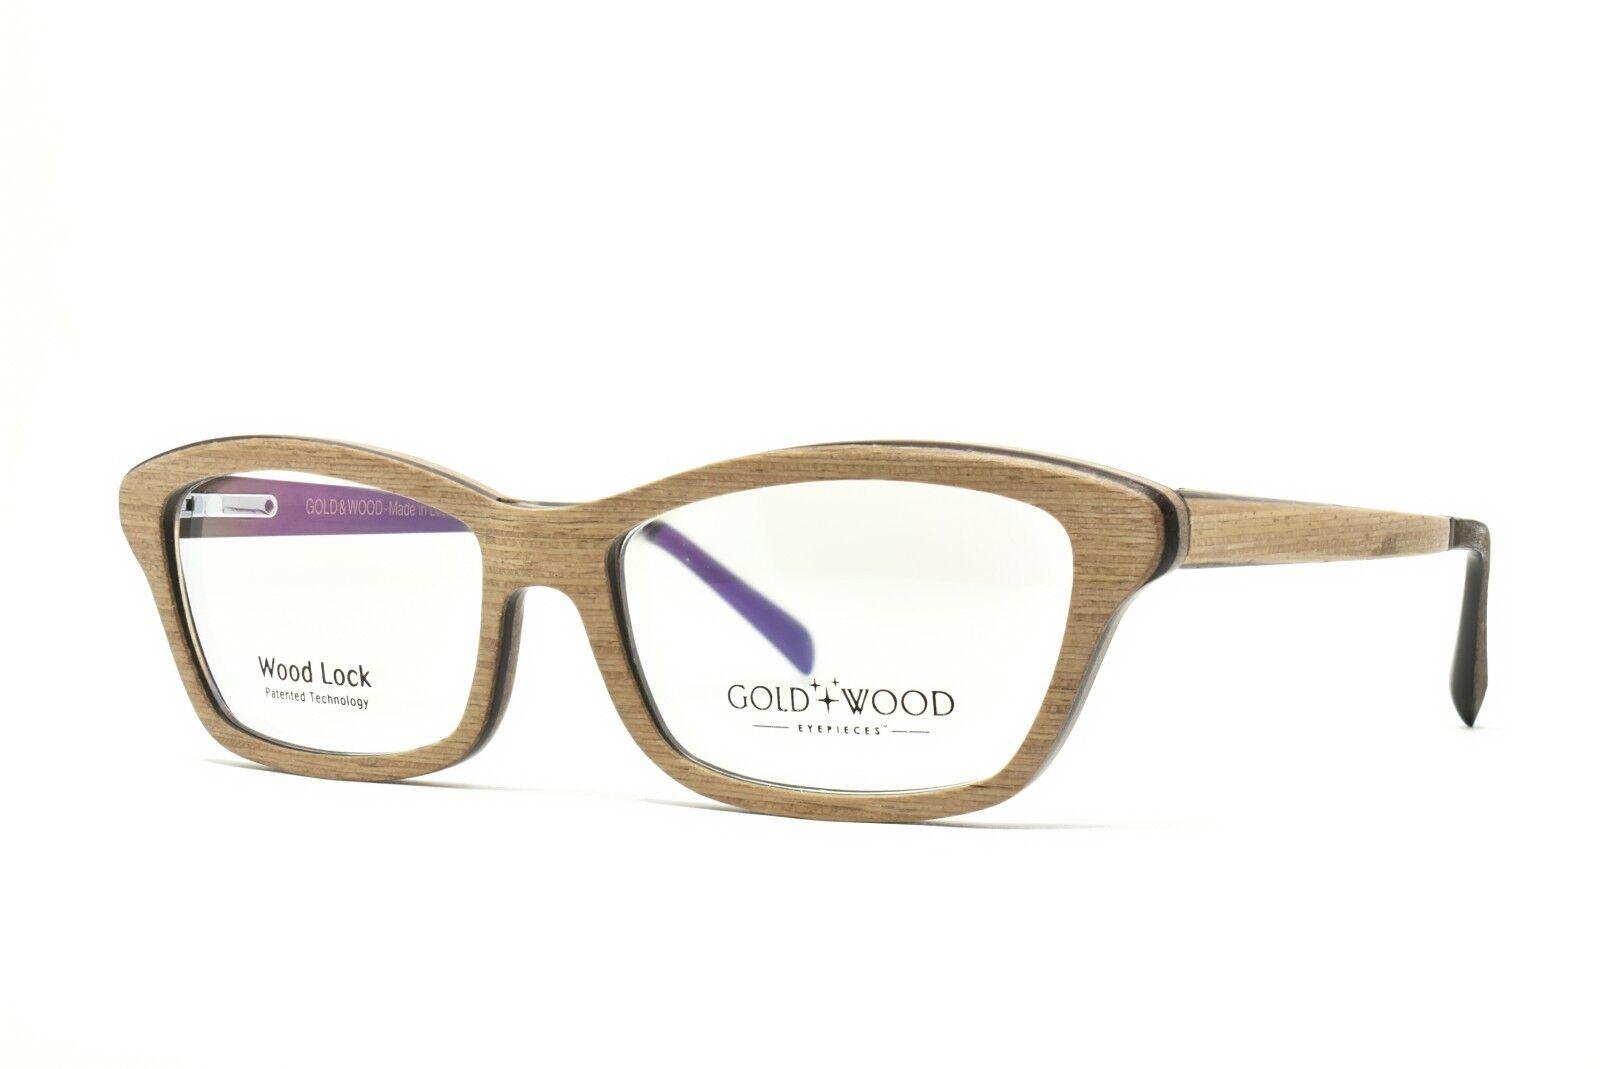 Gold und Holz Ecla 03 Brille 53-15-140 Brandneu Echt - Einzelhandel